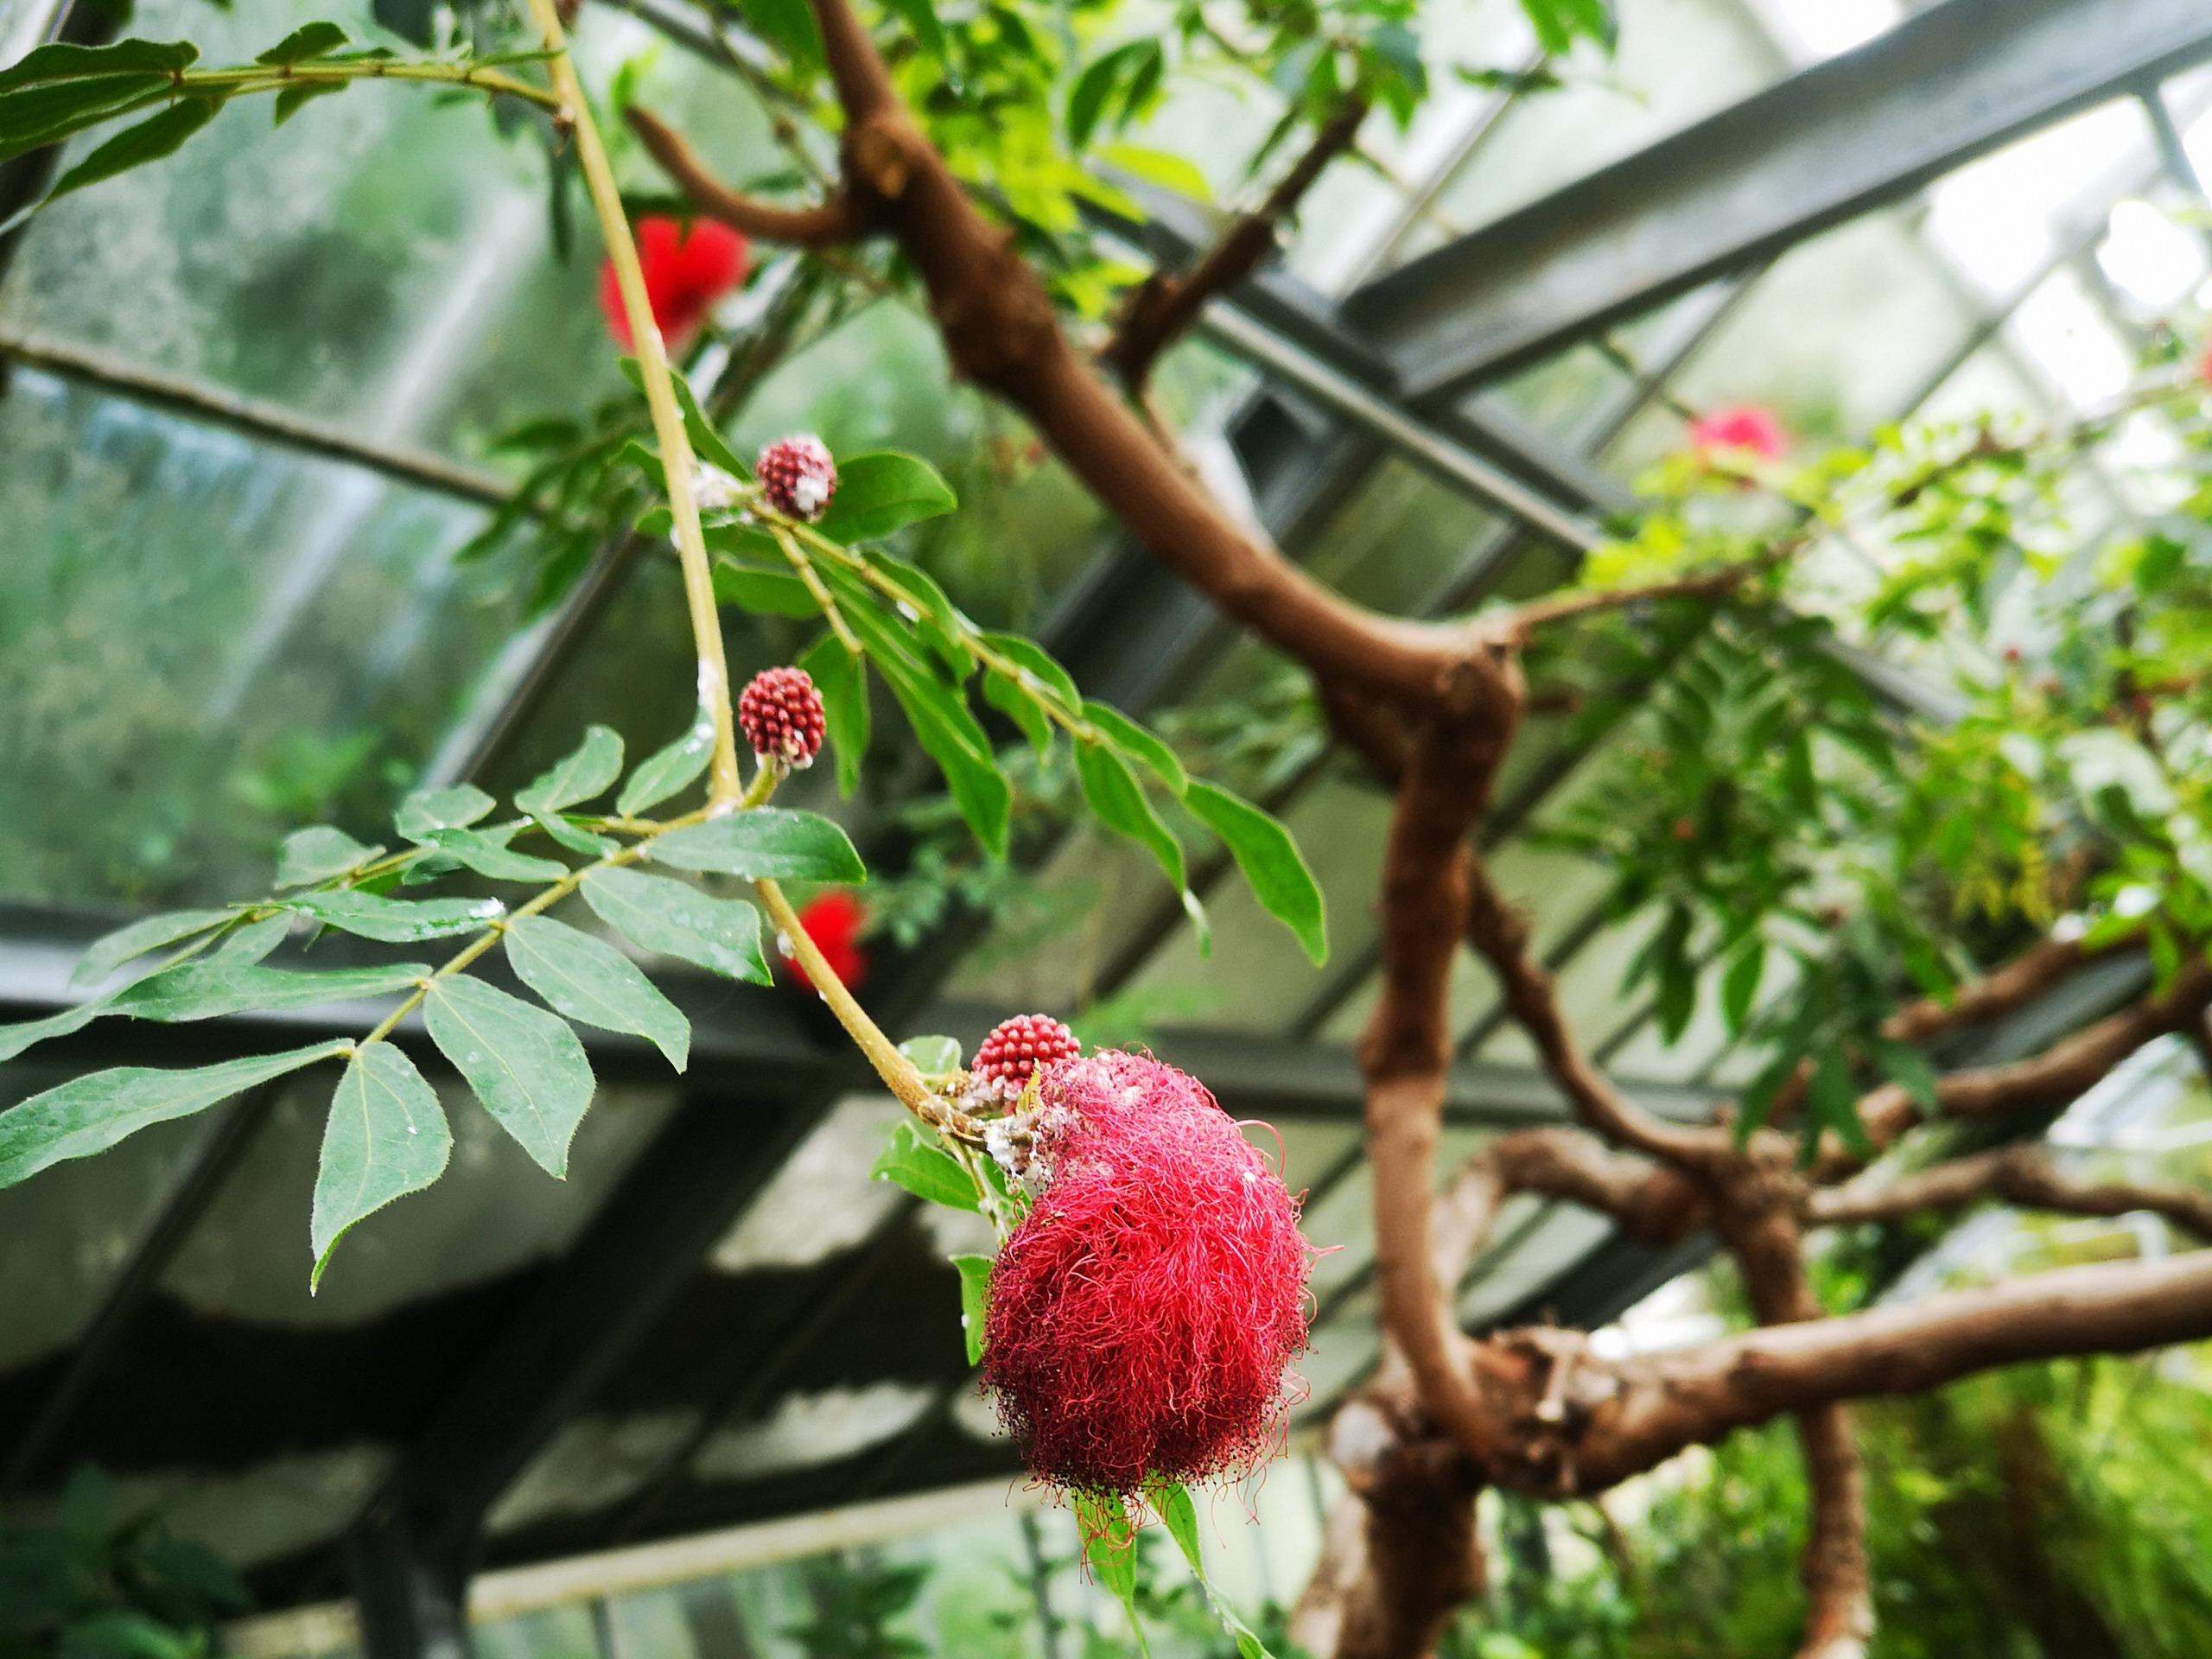 The flower fruit